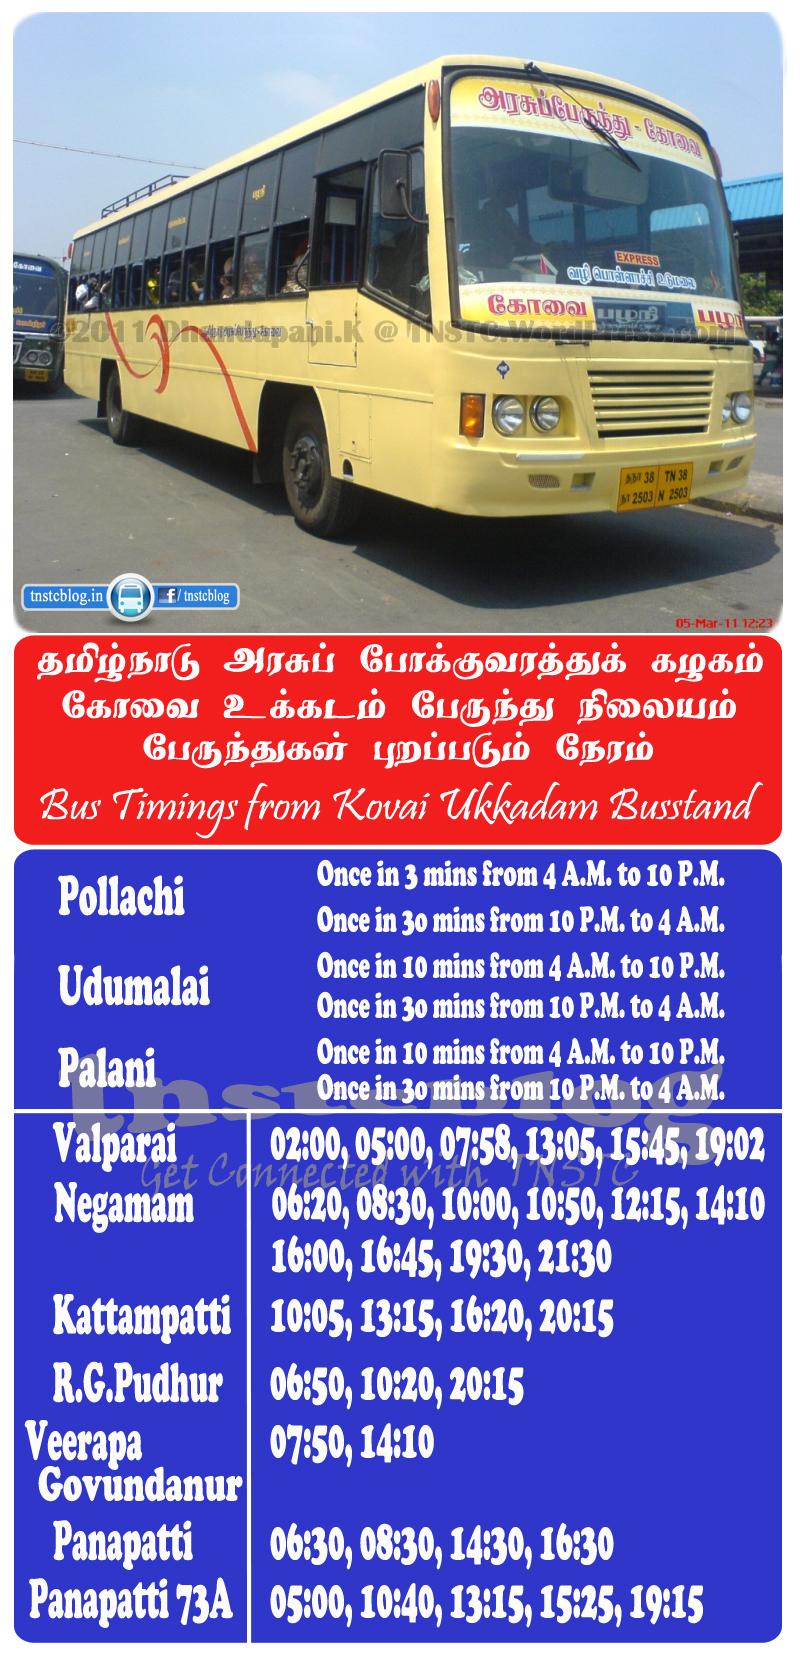 Palani Pollachi Valparai timings from Kovai Ukkadam Busstand